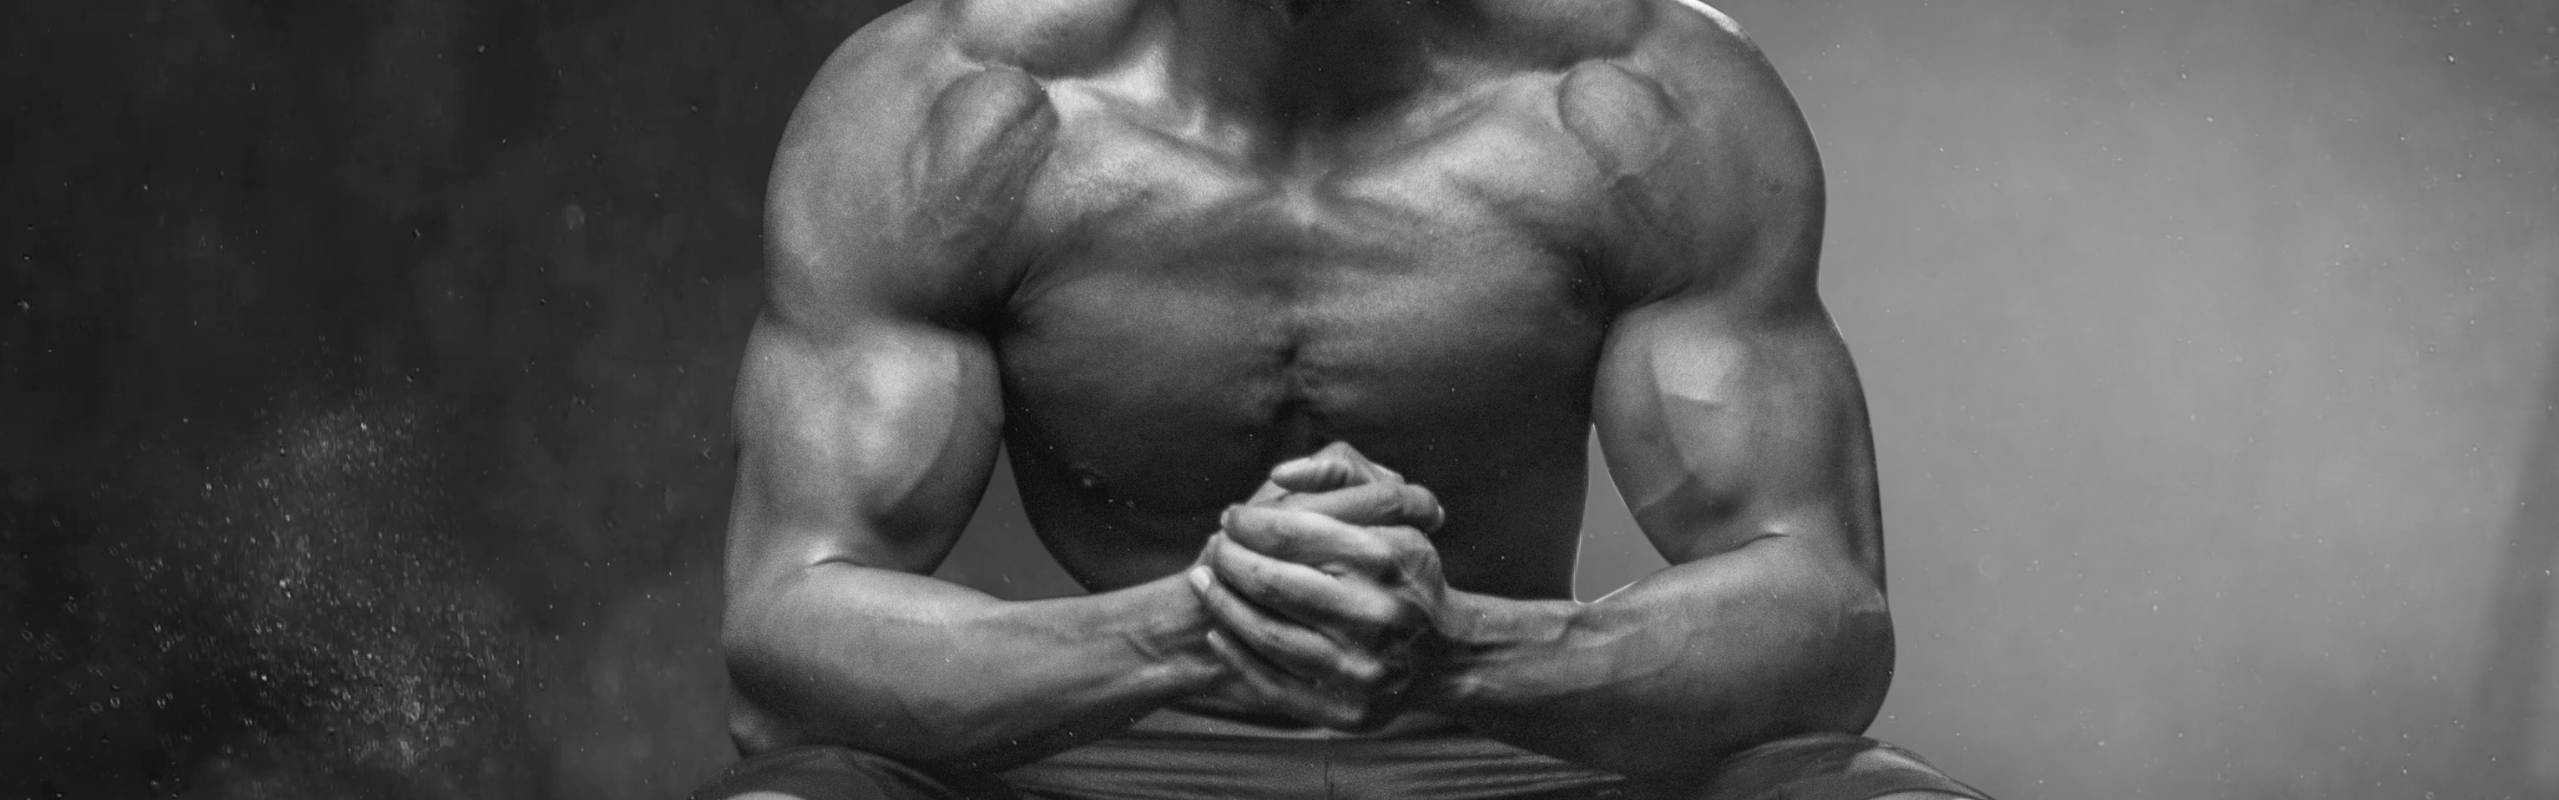 La miología y las particularidades de los músculos